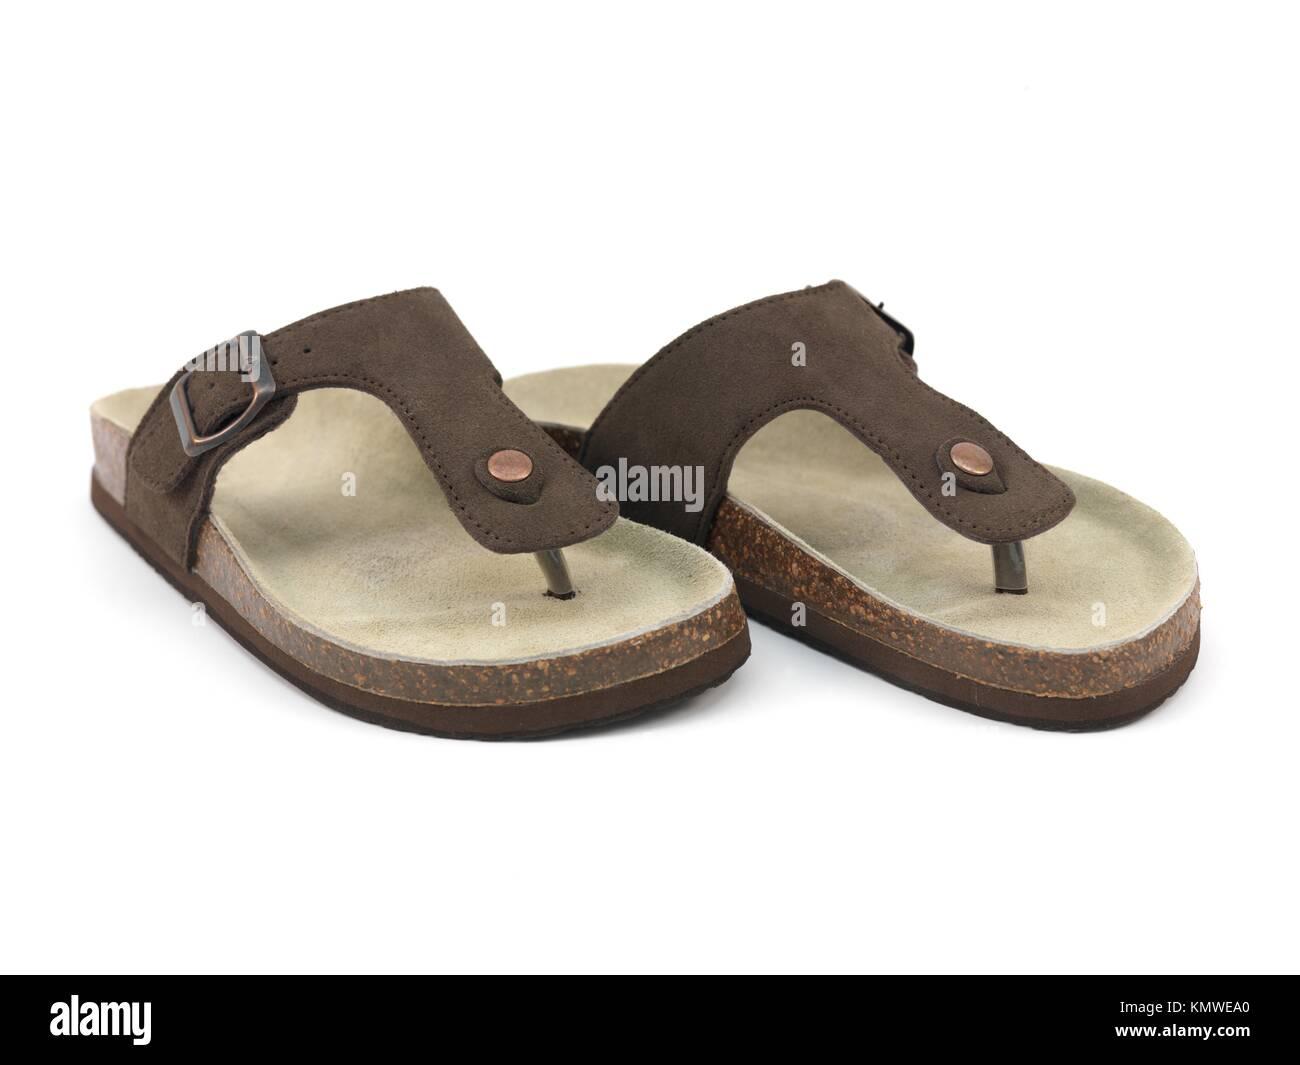 Braun Sandalen isoliert gegen einen weißen Hintergrund Stockbild e017887e08